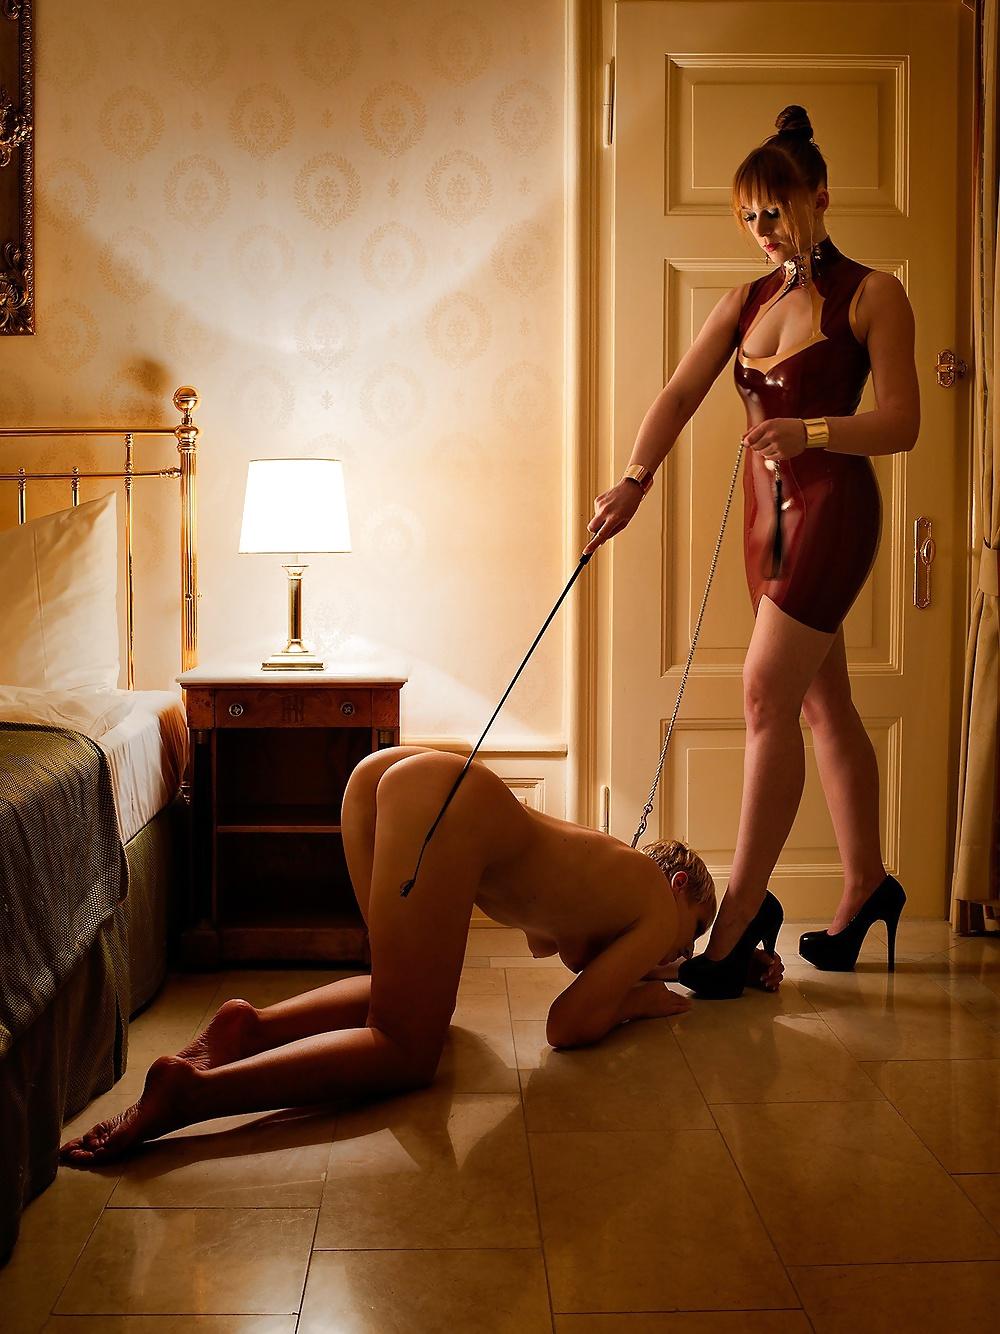 госпожа на рабыне - 1